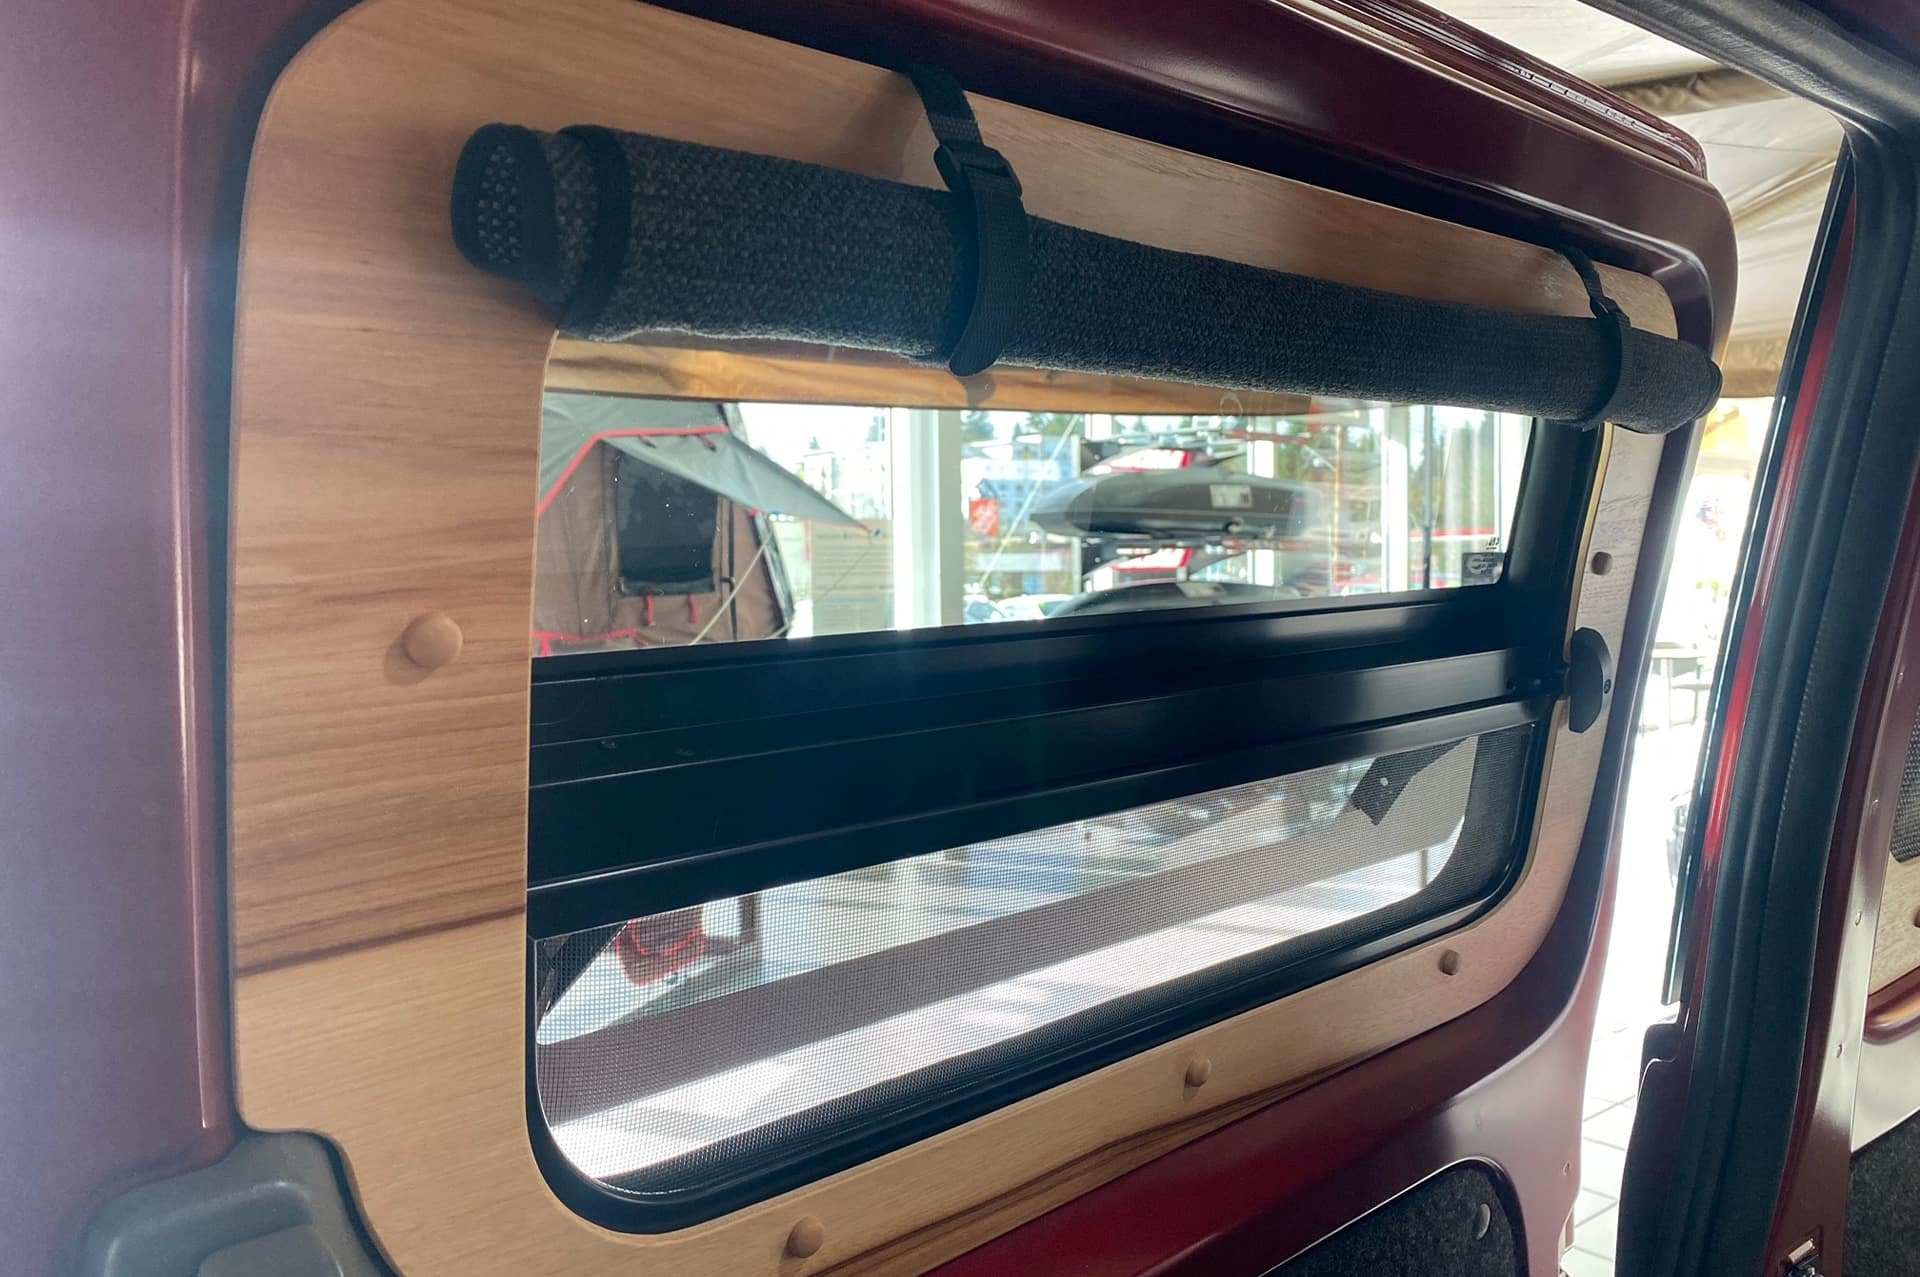 Split screen window on each sliding door